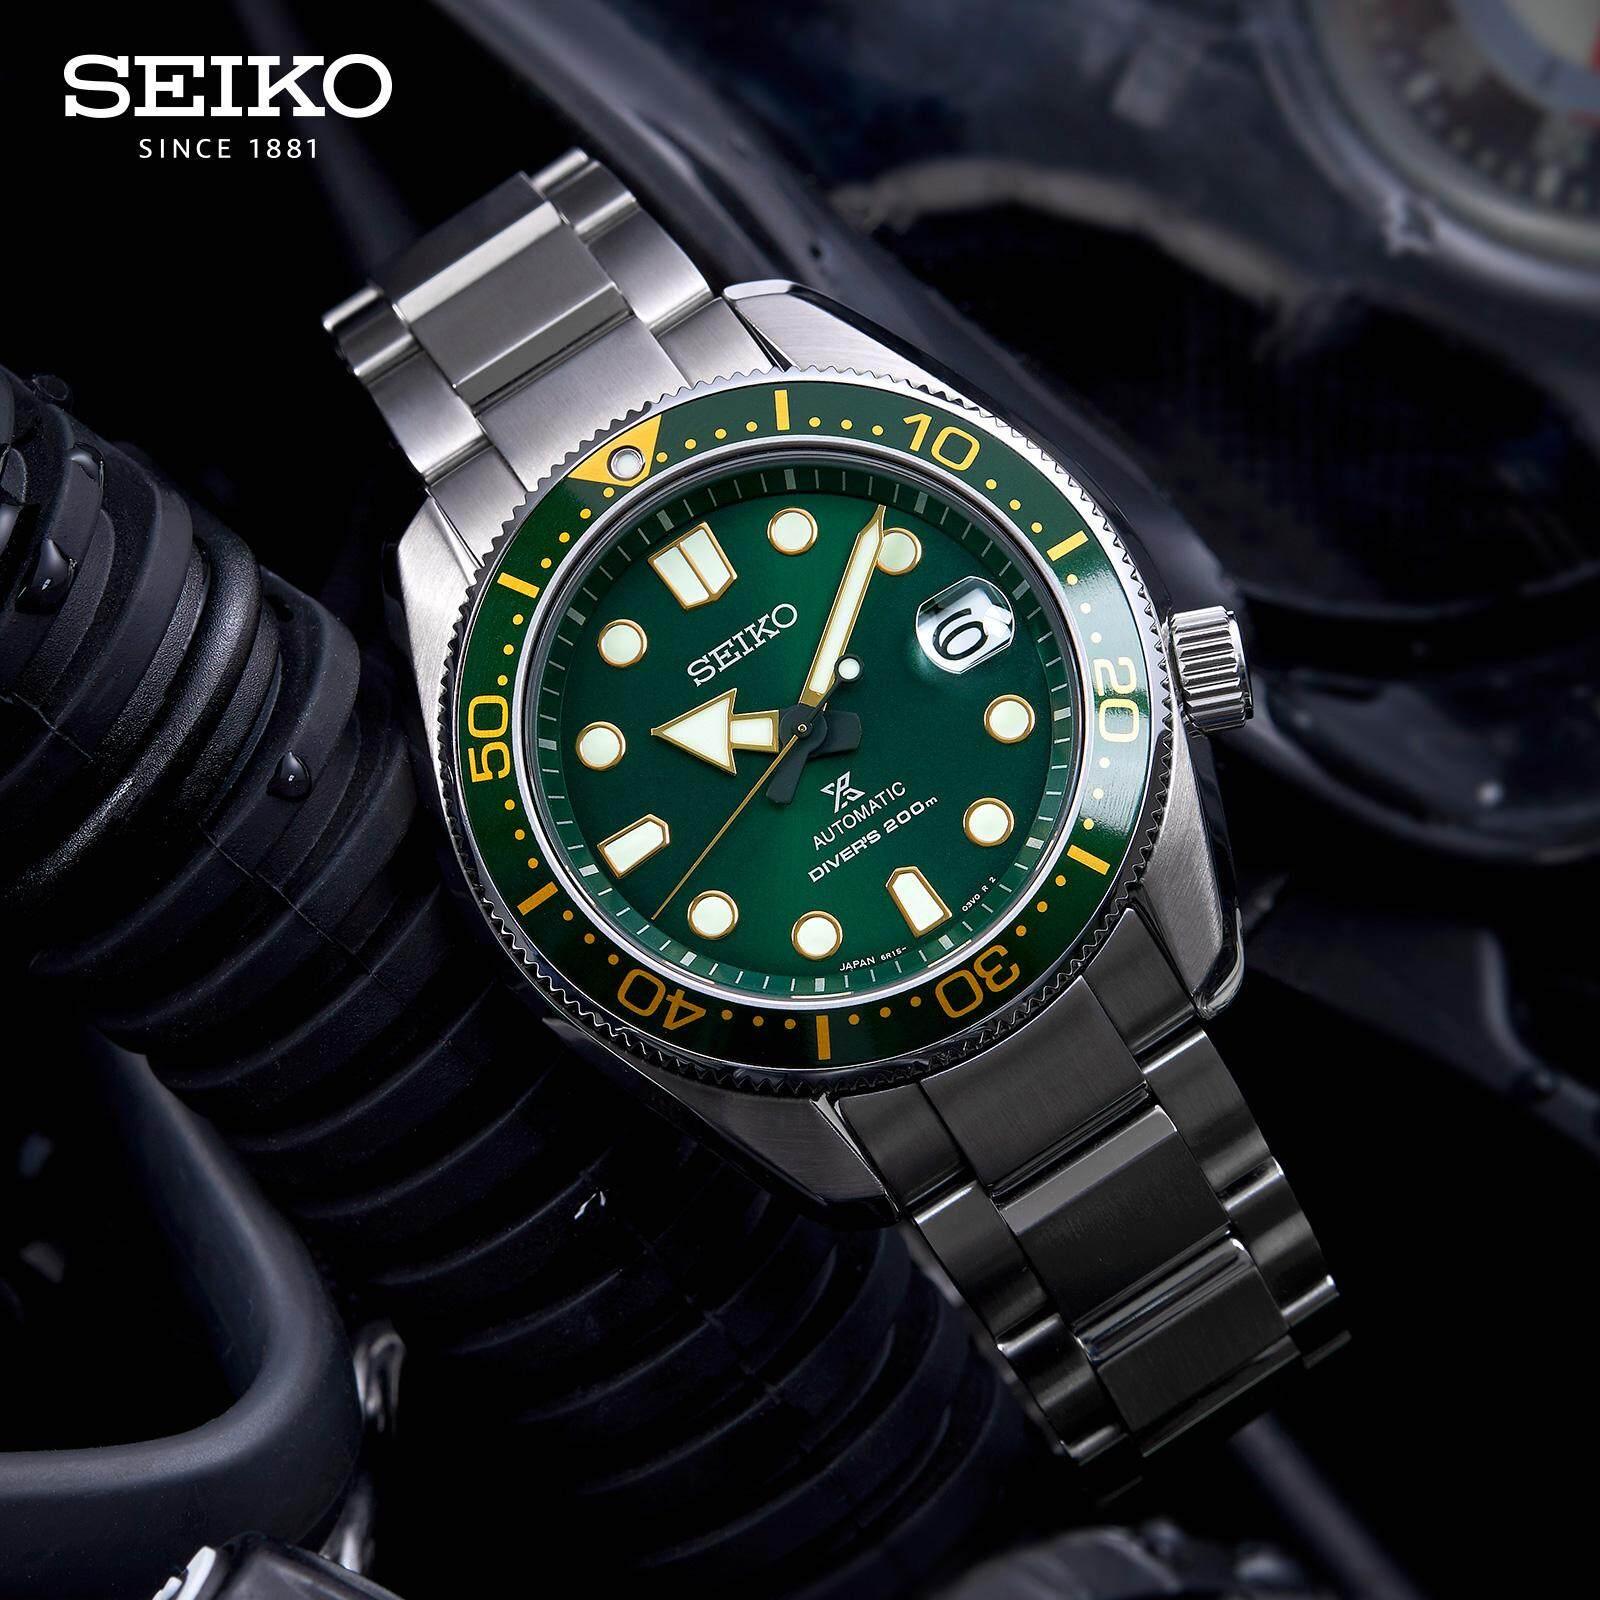 มุกดาหาร นาฬิกาข้อมือ SEIKO PROSPEX  ZIMBE No.12 THAILAND LIMITED EDITION  AUTOMATIC DIVER'S 200m รุ่น SPB109J